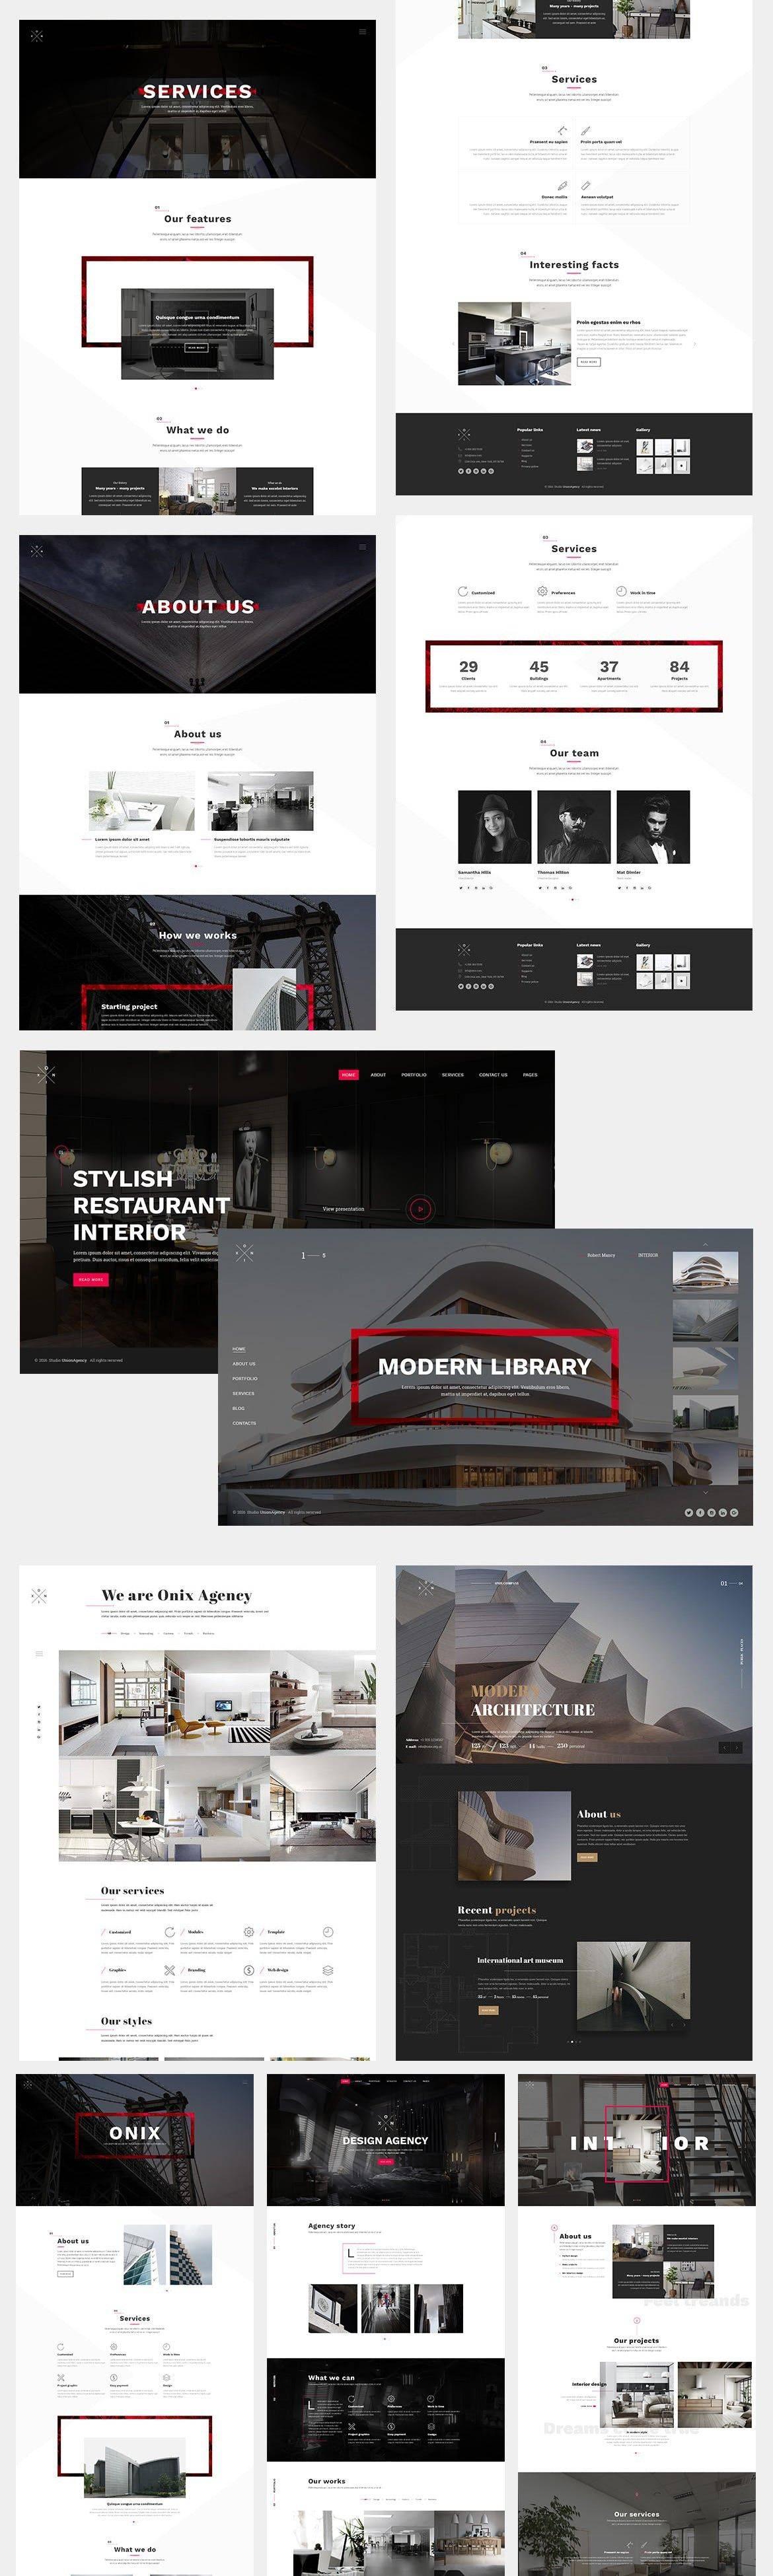 Interior Design Portfolio Website Templates